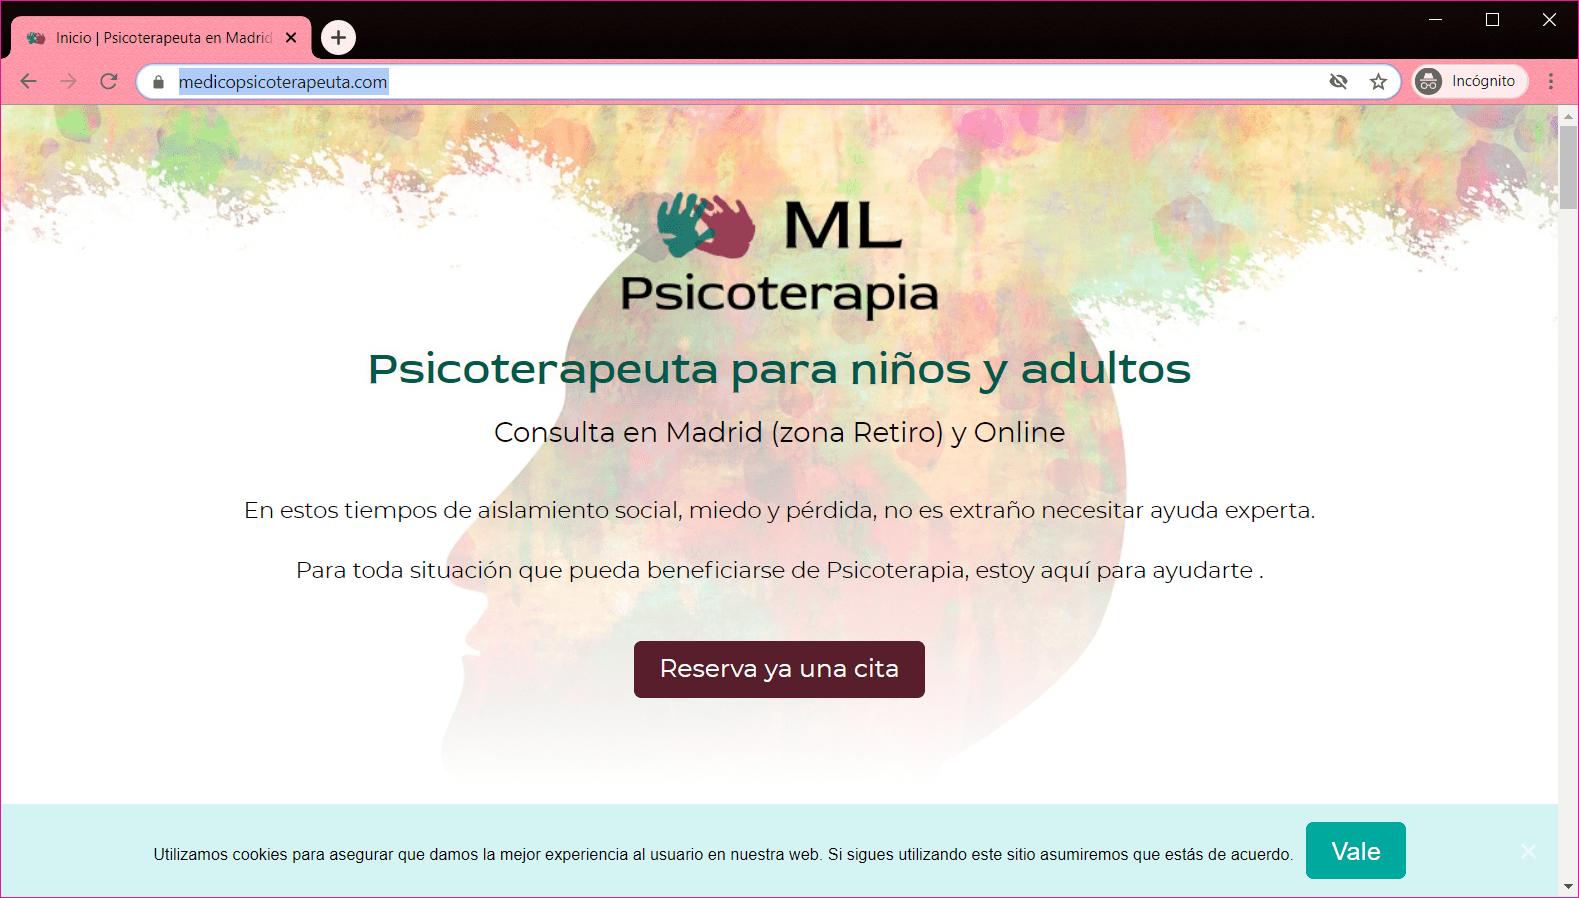 Diseño web para Medicopsicoterapeuta